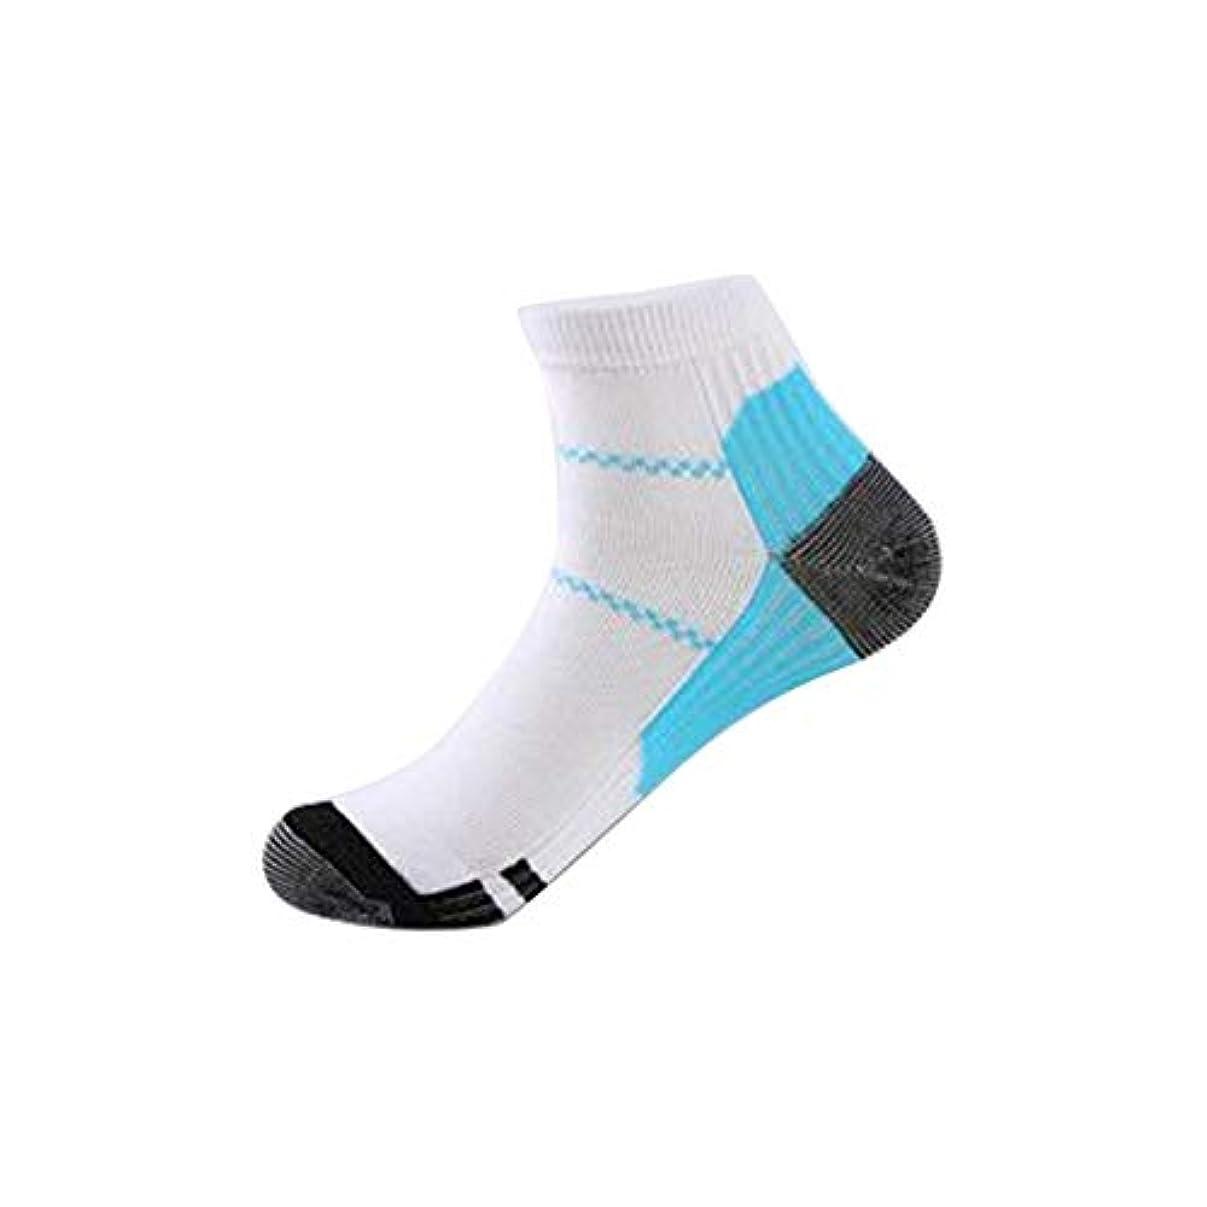 ほんの贈り物用心快適な男性女性ファッション短いストレッチ圧縮靴下膝ソックスサポートストレッチ通気性ソックス - ホワイト&ブルーS/M